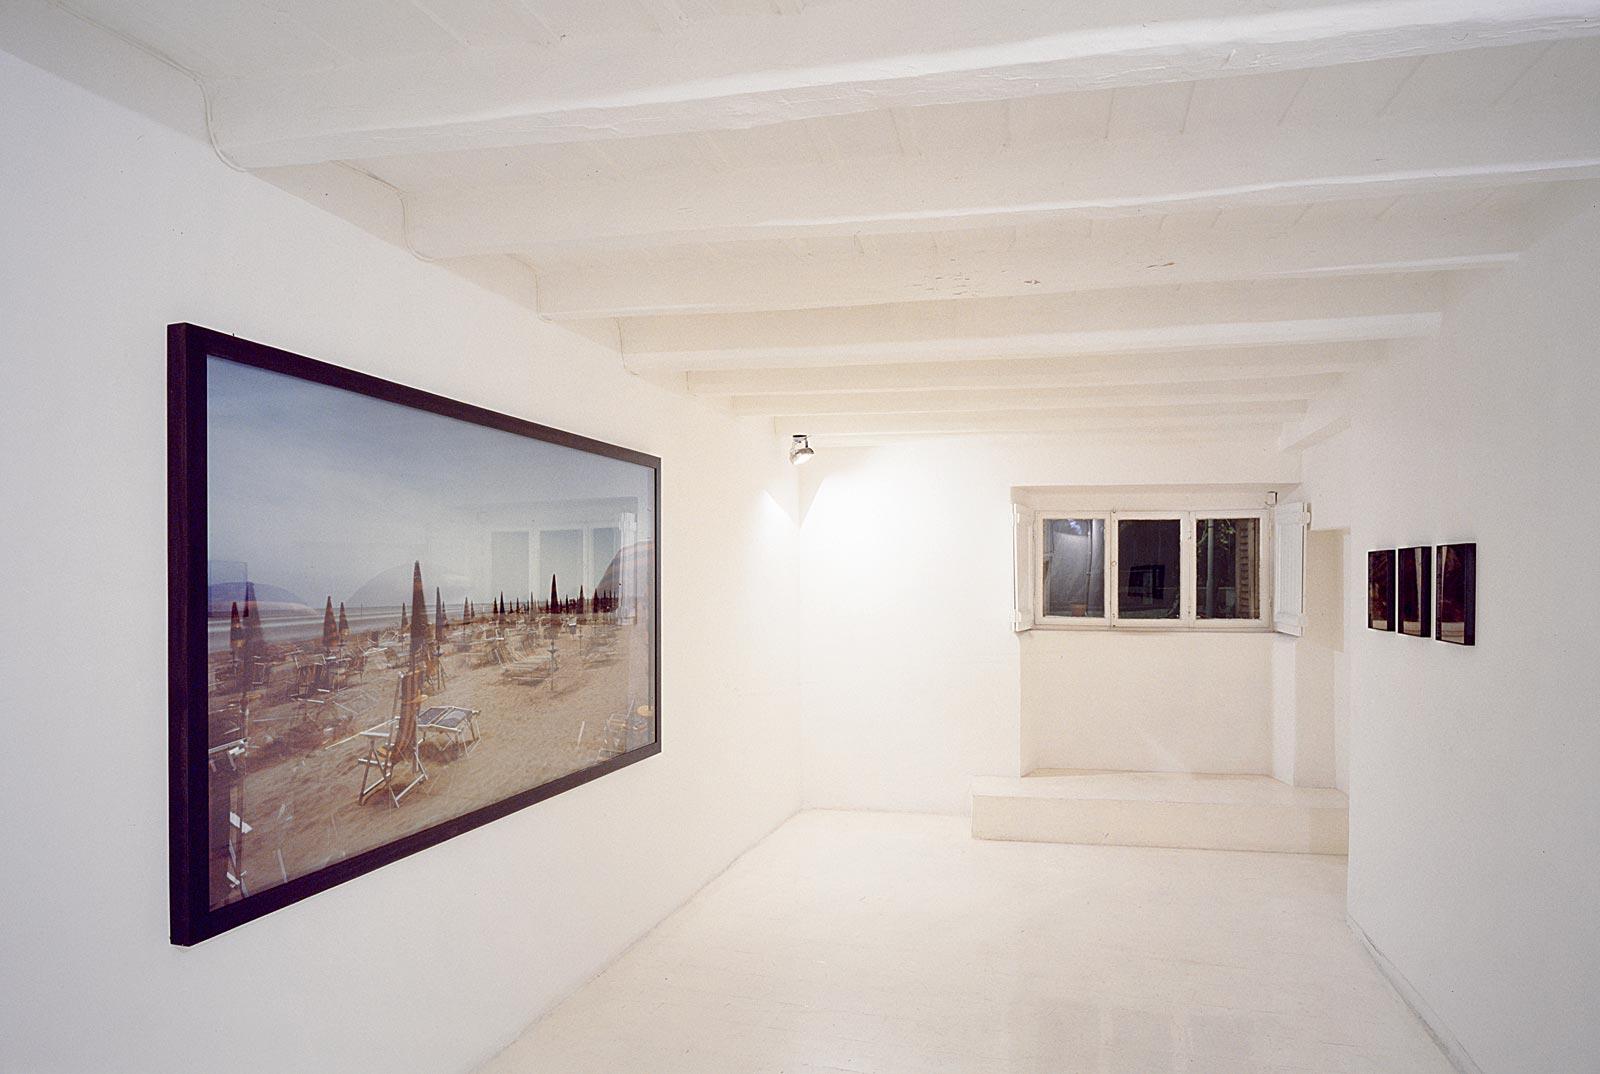 Spiaggia, Galeria Primo Piano, Rom